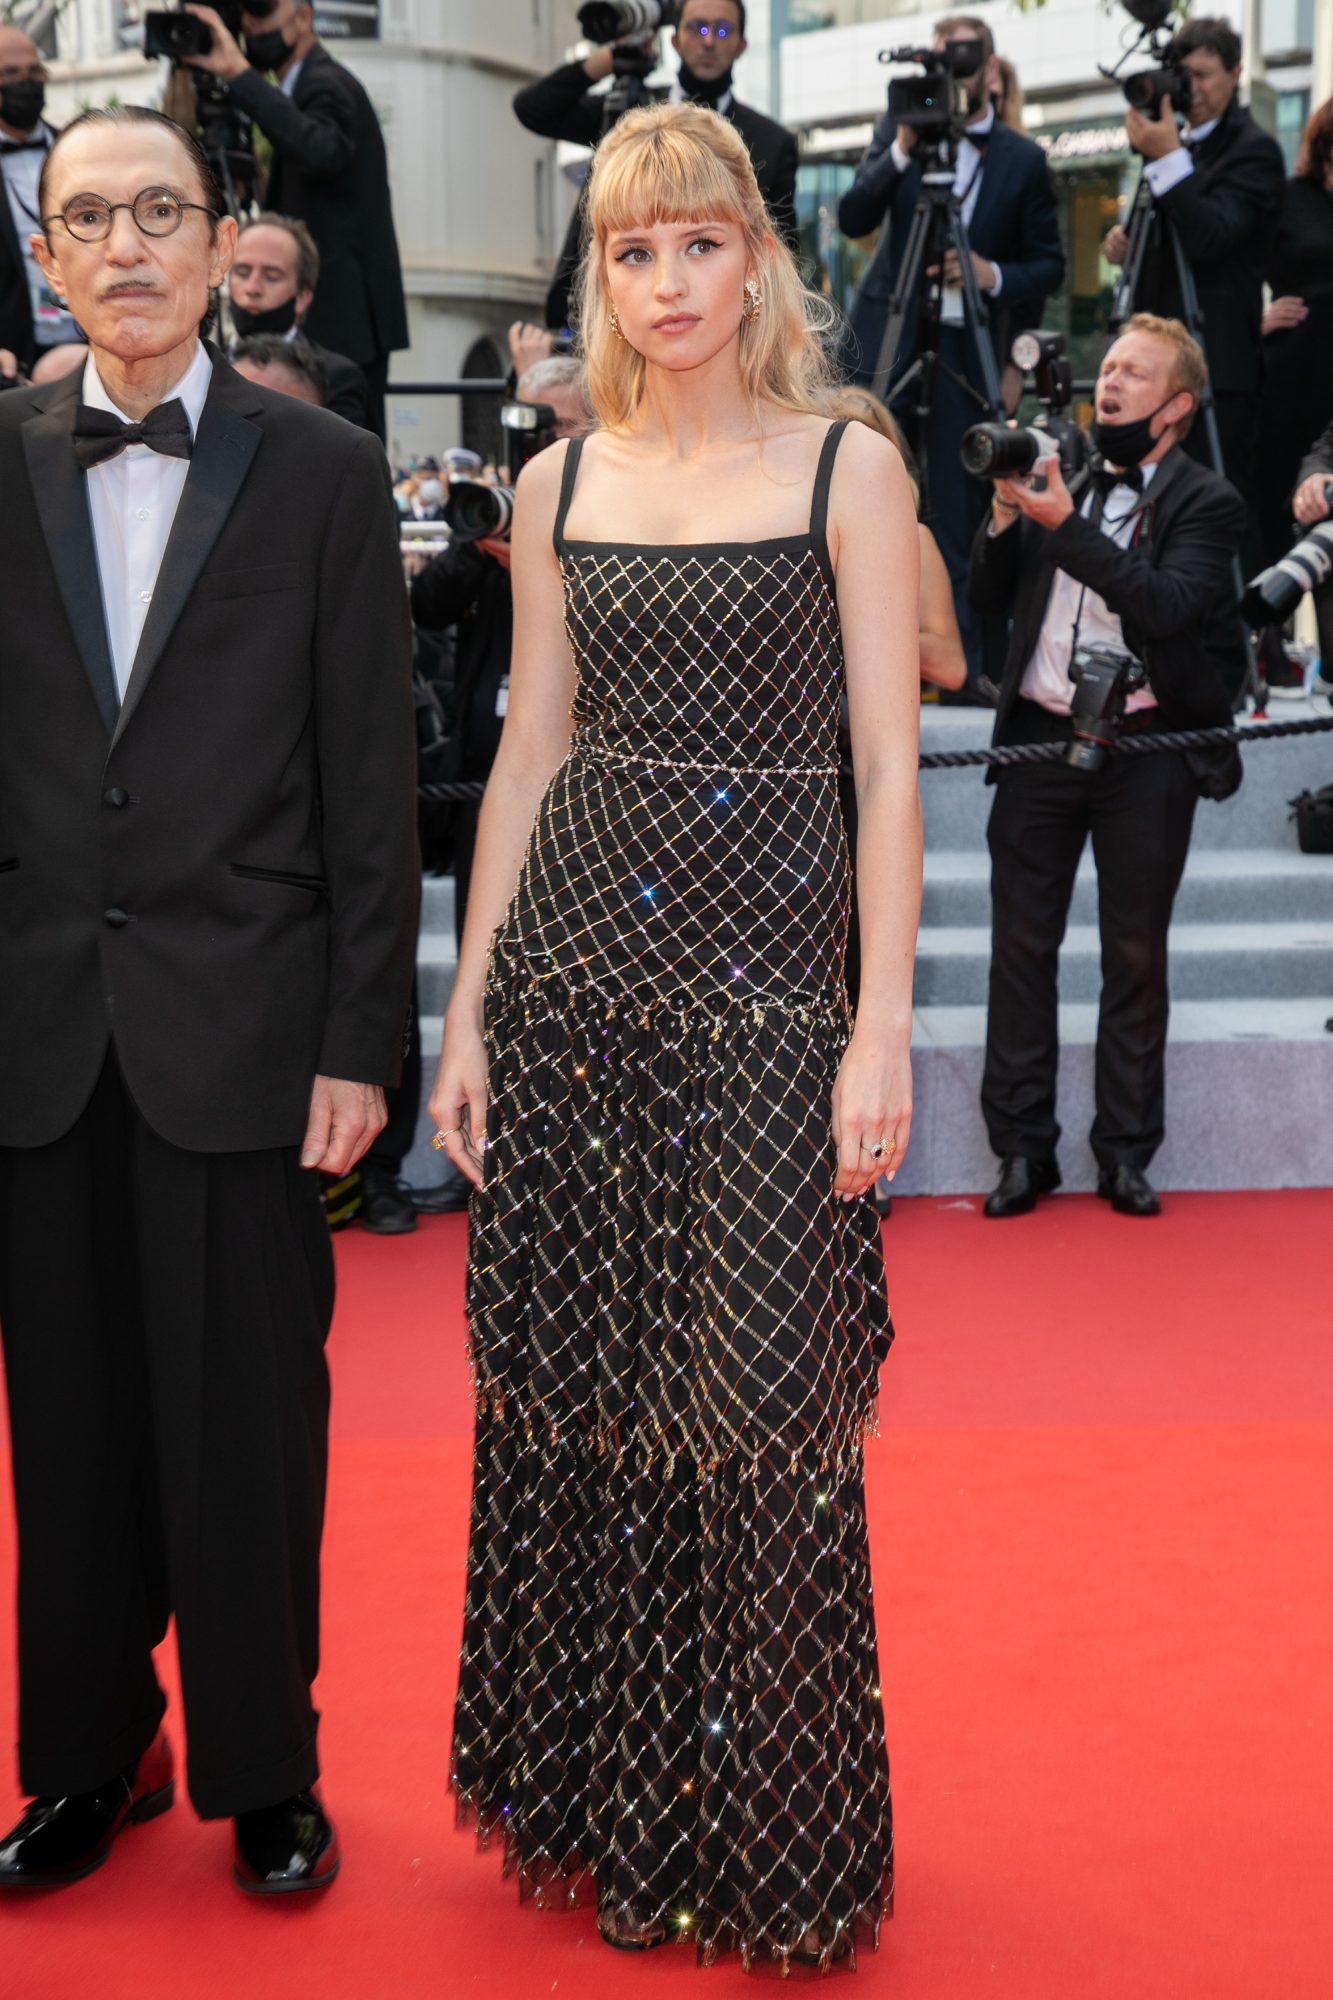 Festival de cine de Cannes alfombra roja